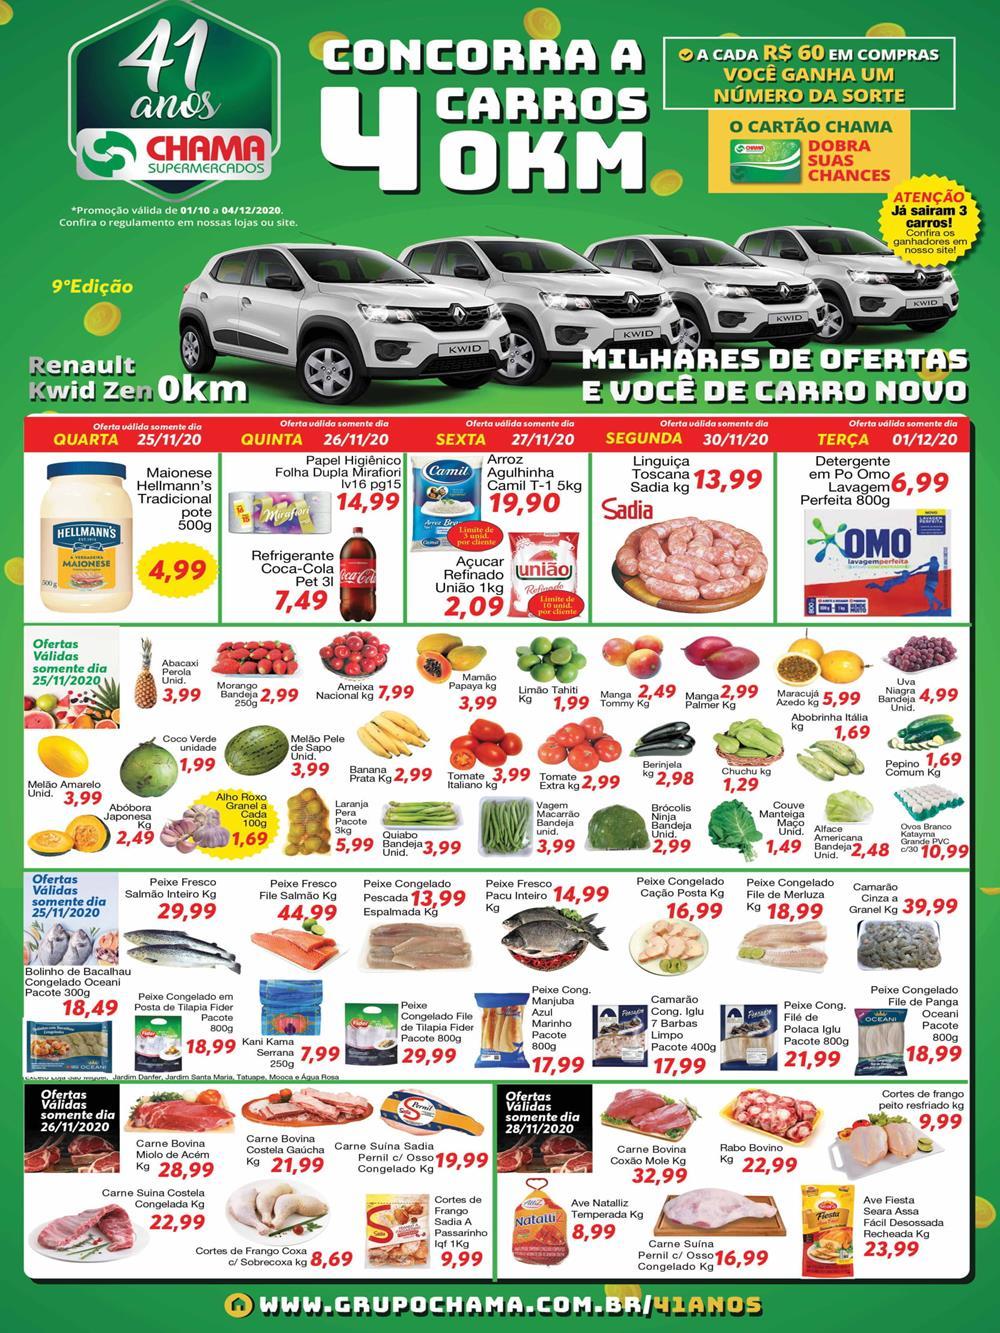 chama-ofertas-descontos-hoje1-11 Black Friday Supermercados